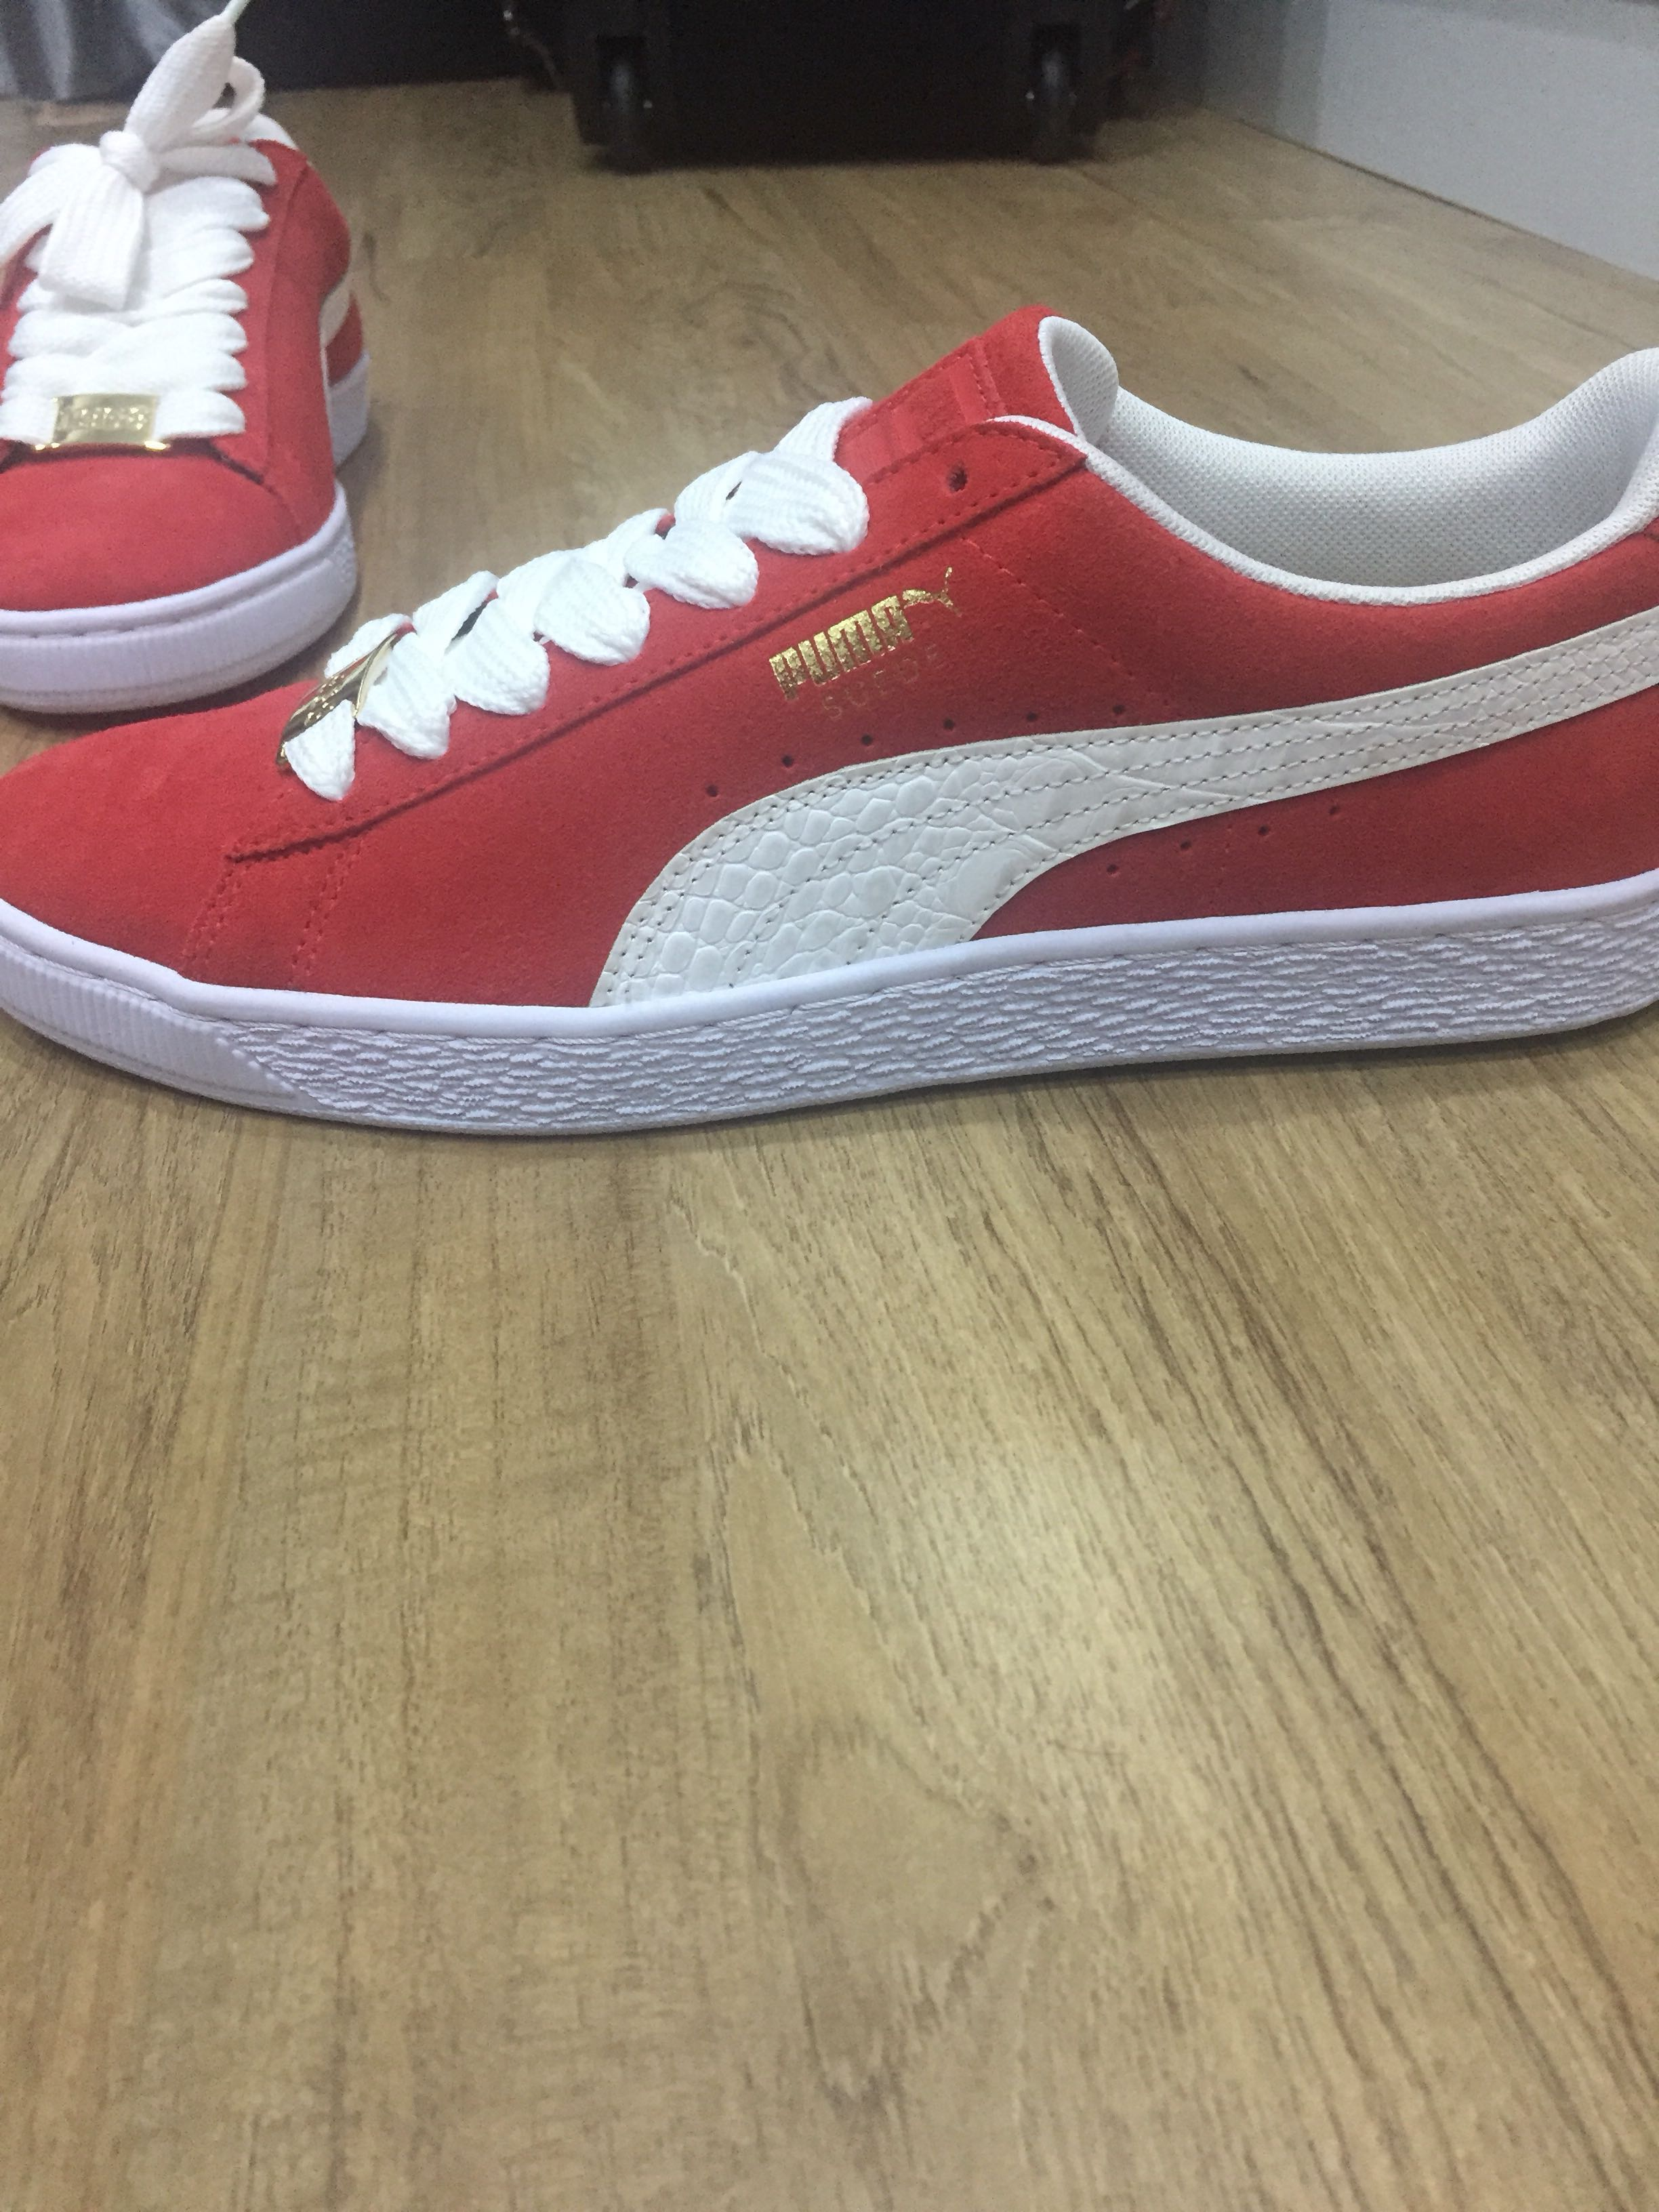 newest d1b80 d454d Puma Suede Classic Bboy Fabulous Red